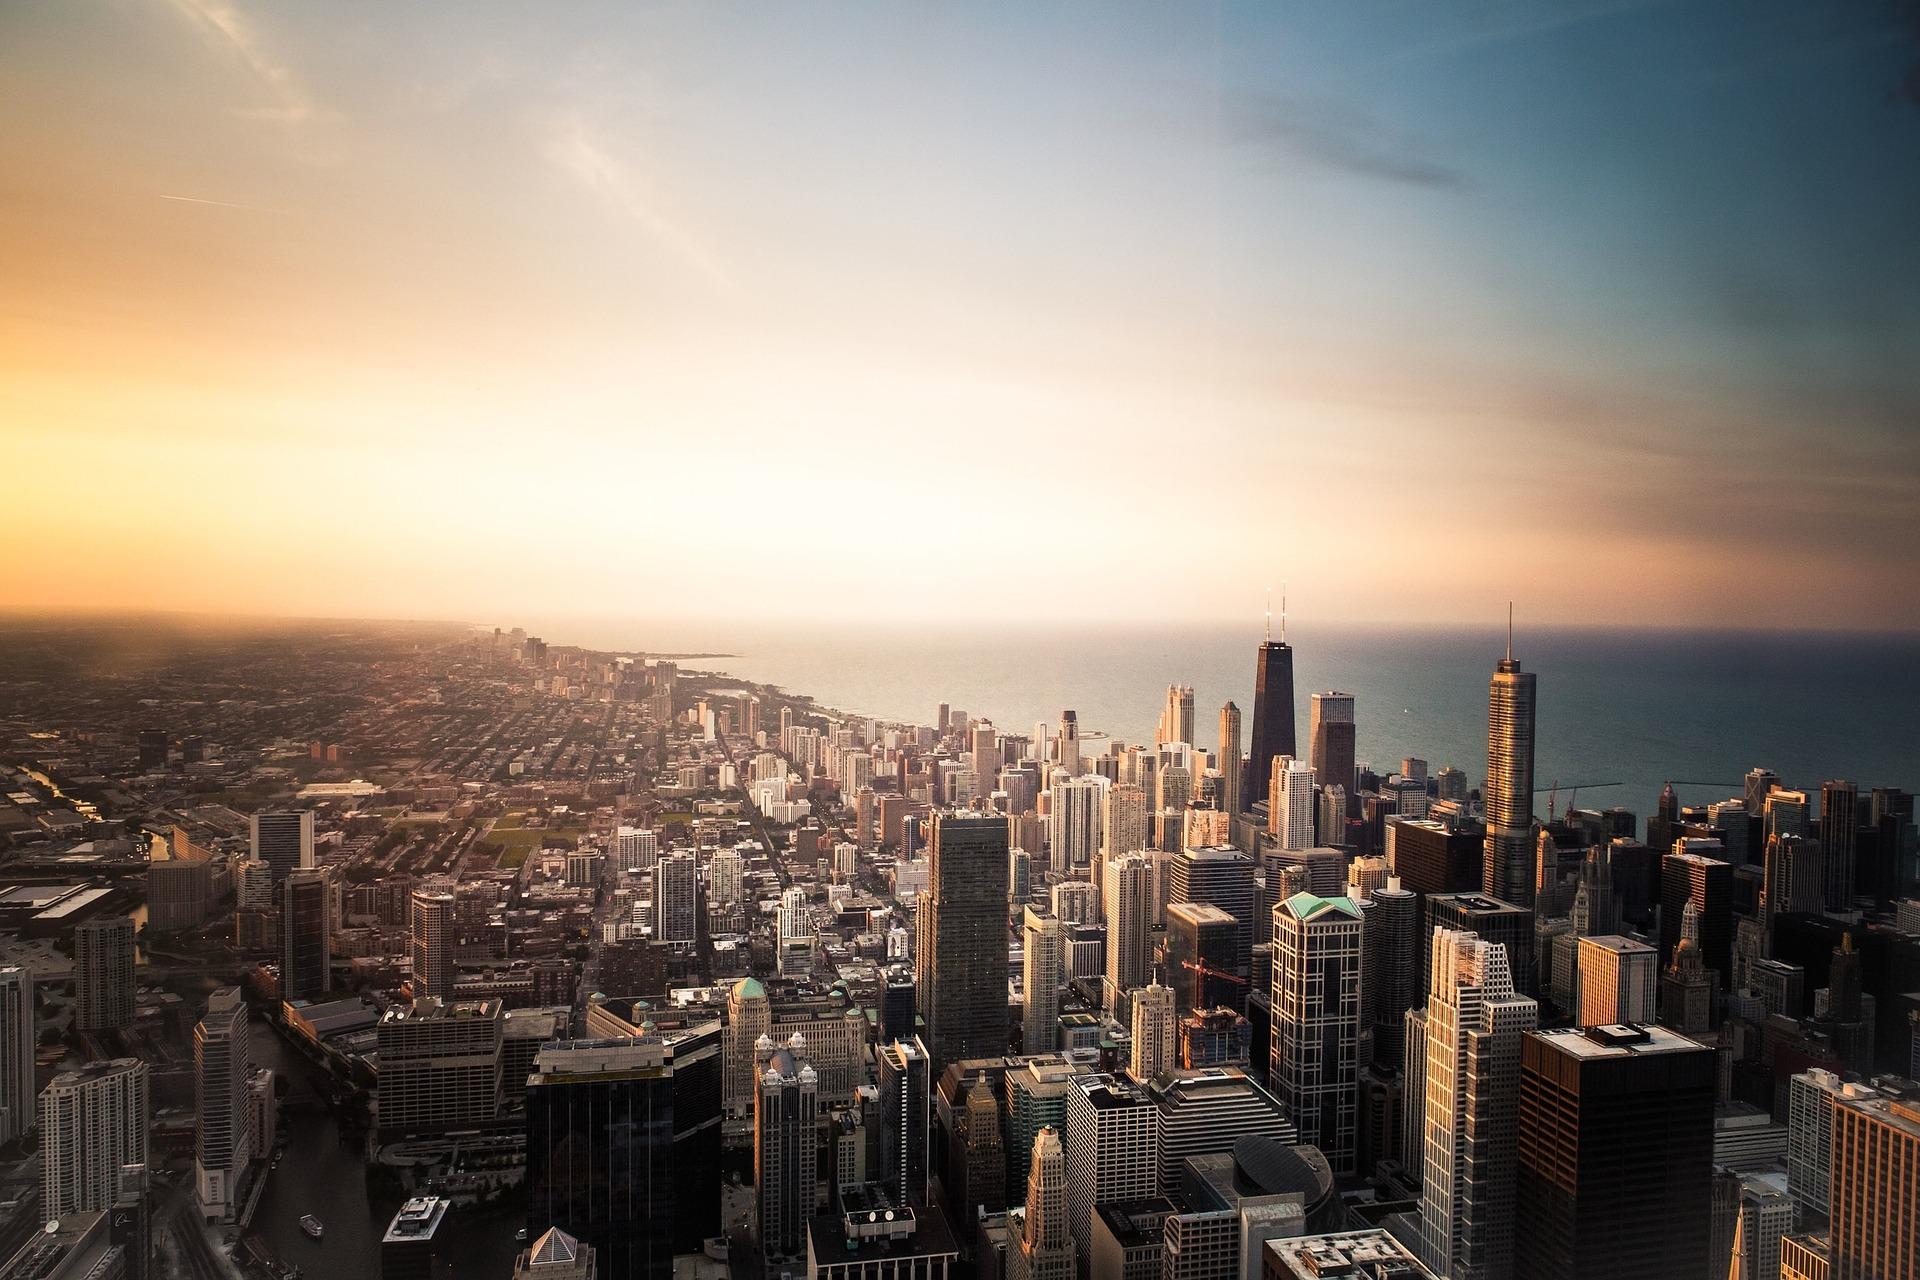 都市の景観のイメージ画像